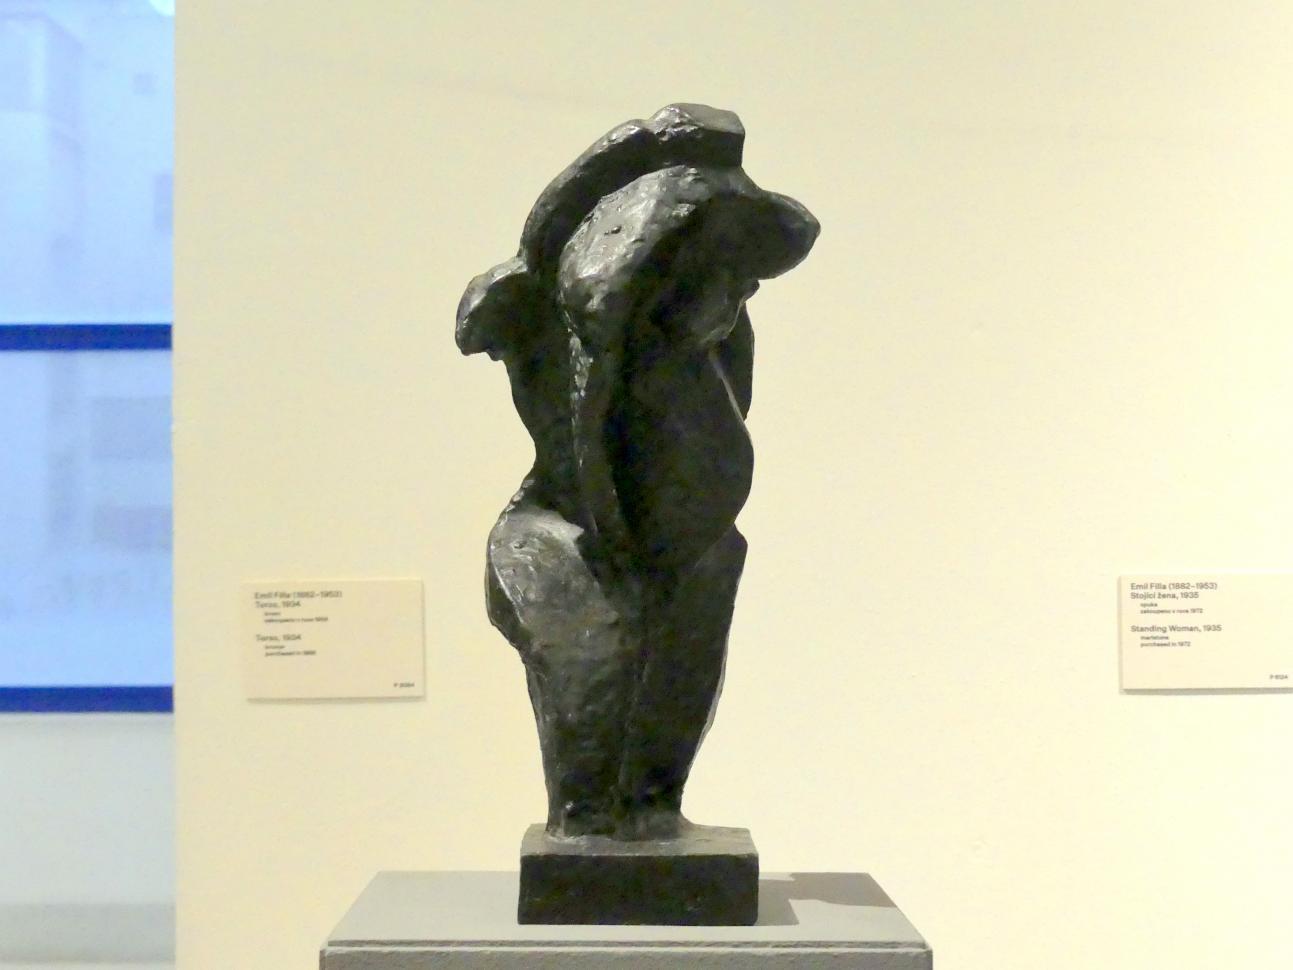 Emil Filla: Torso, 1934